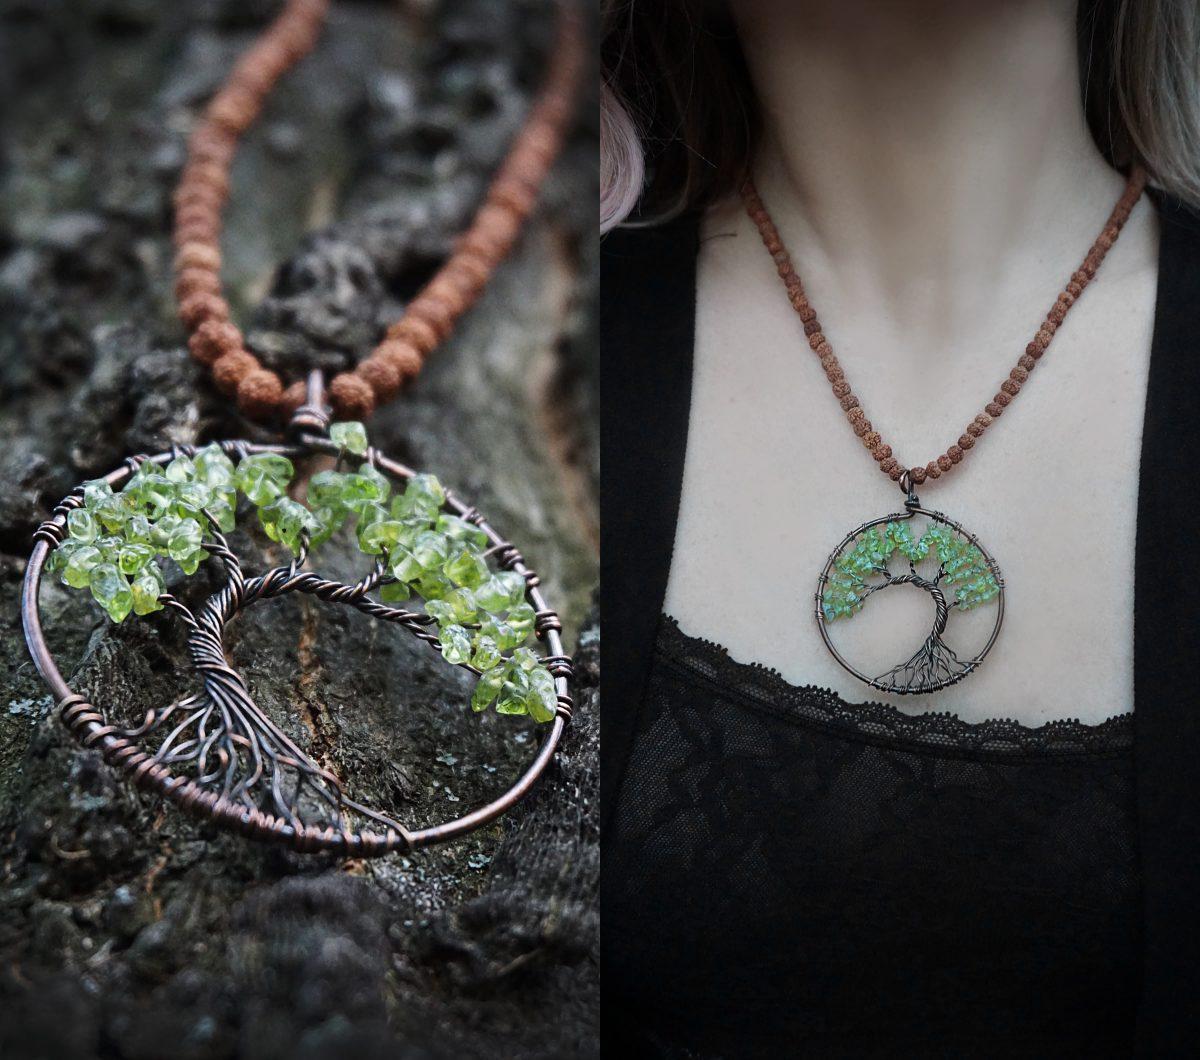 copacul vietii coliere handmade accesorii proprietati energetice pietre naturale ametist verde seminte rudraksha bijuterii